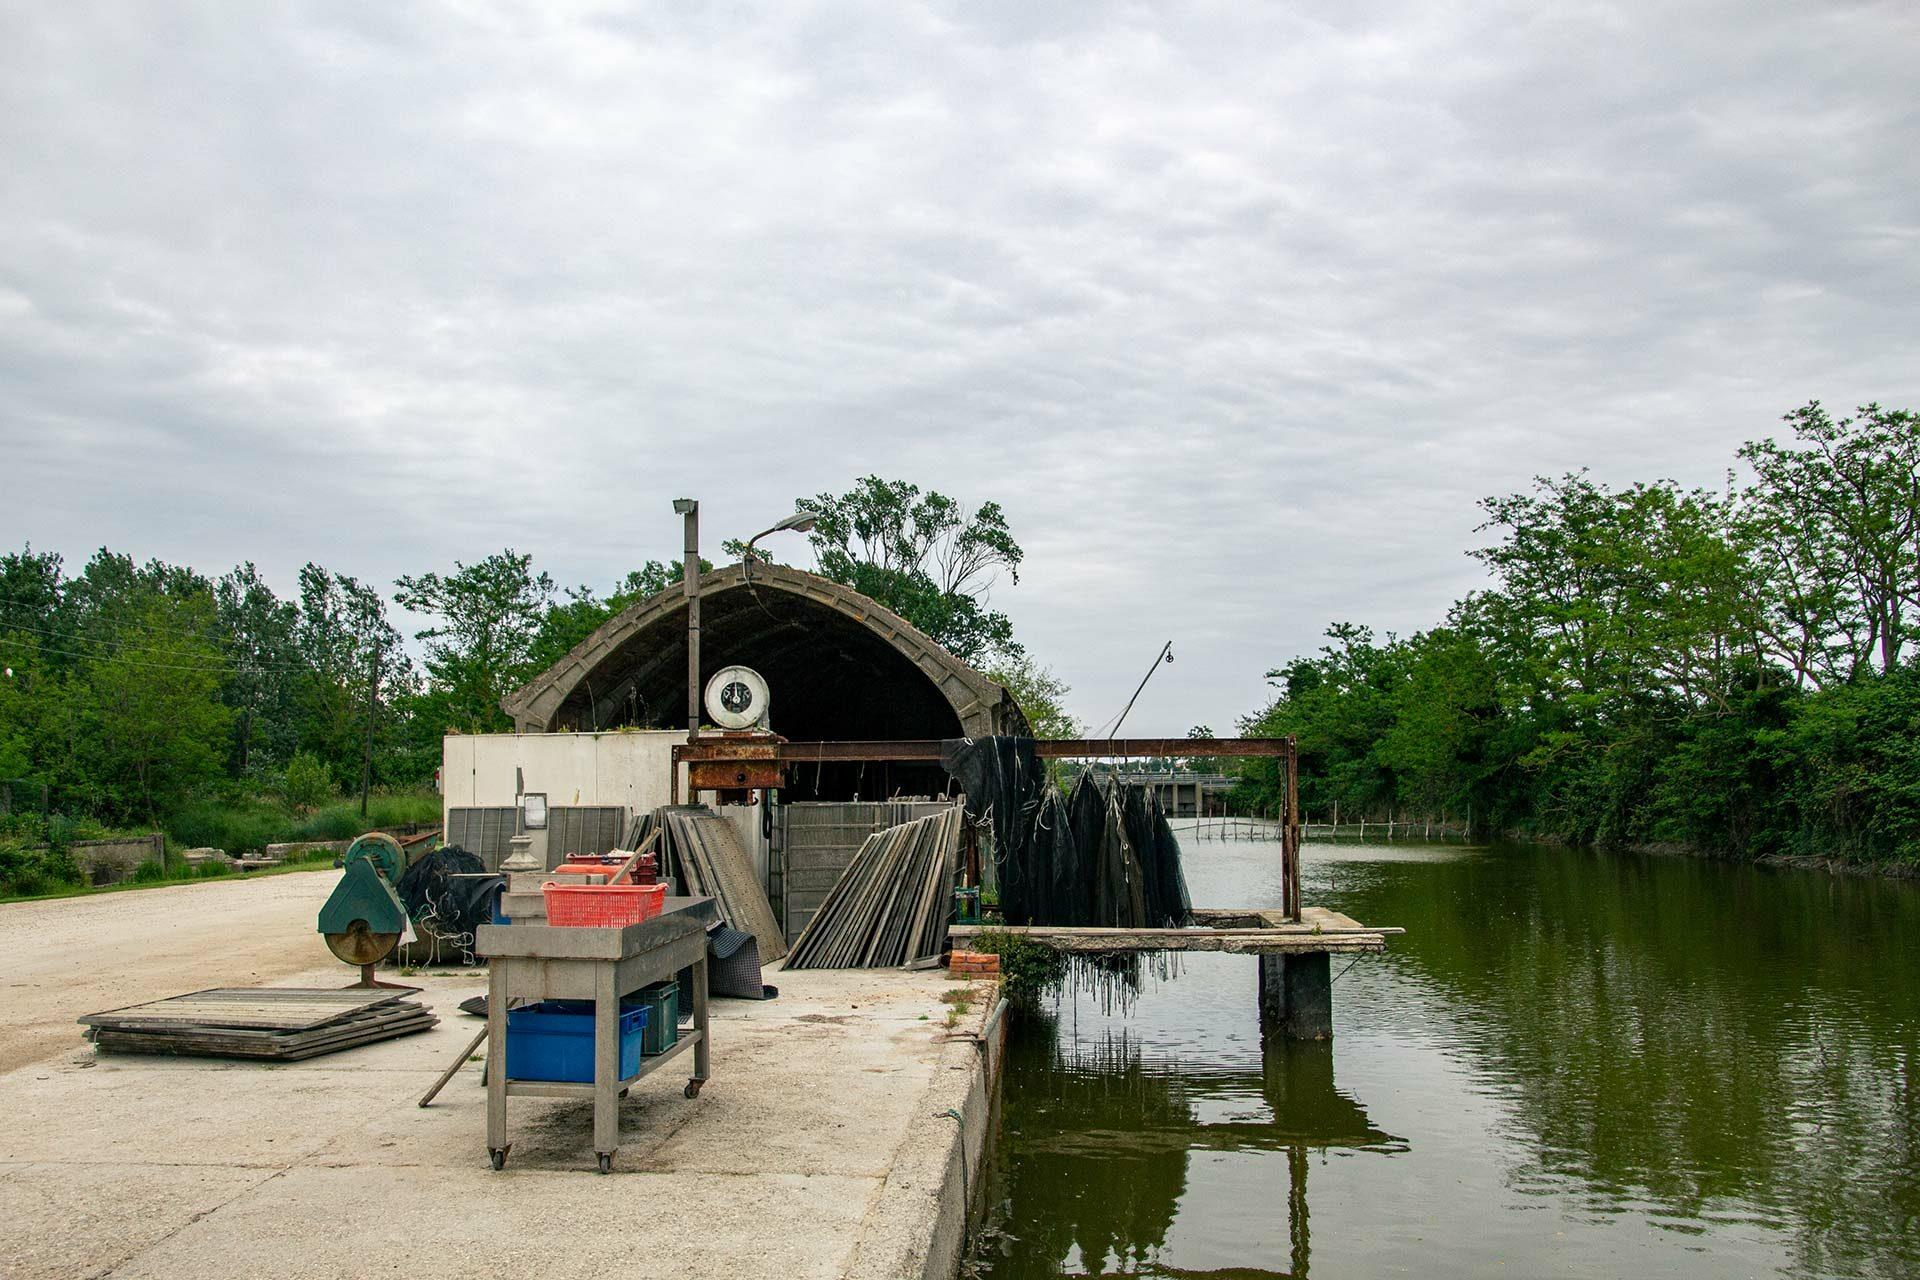 Die kleine Fischerhütte direkt am Kanal ist der ideale Ausgangsort für unsere Bootstour.